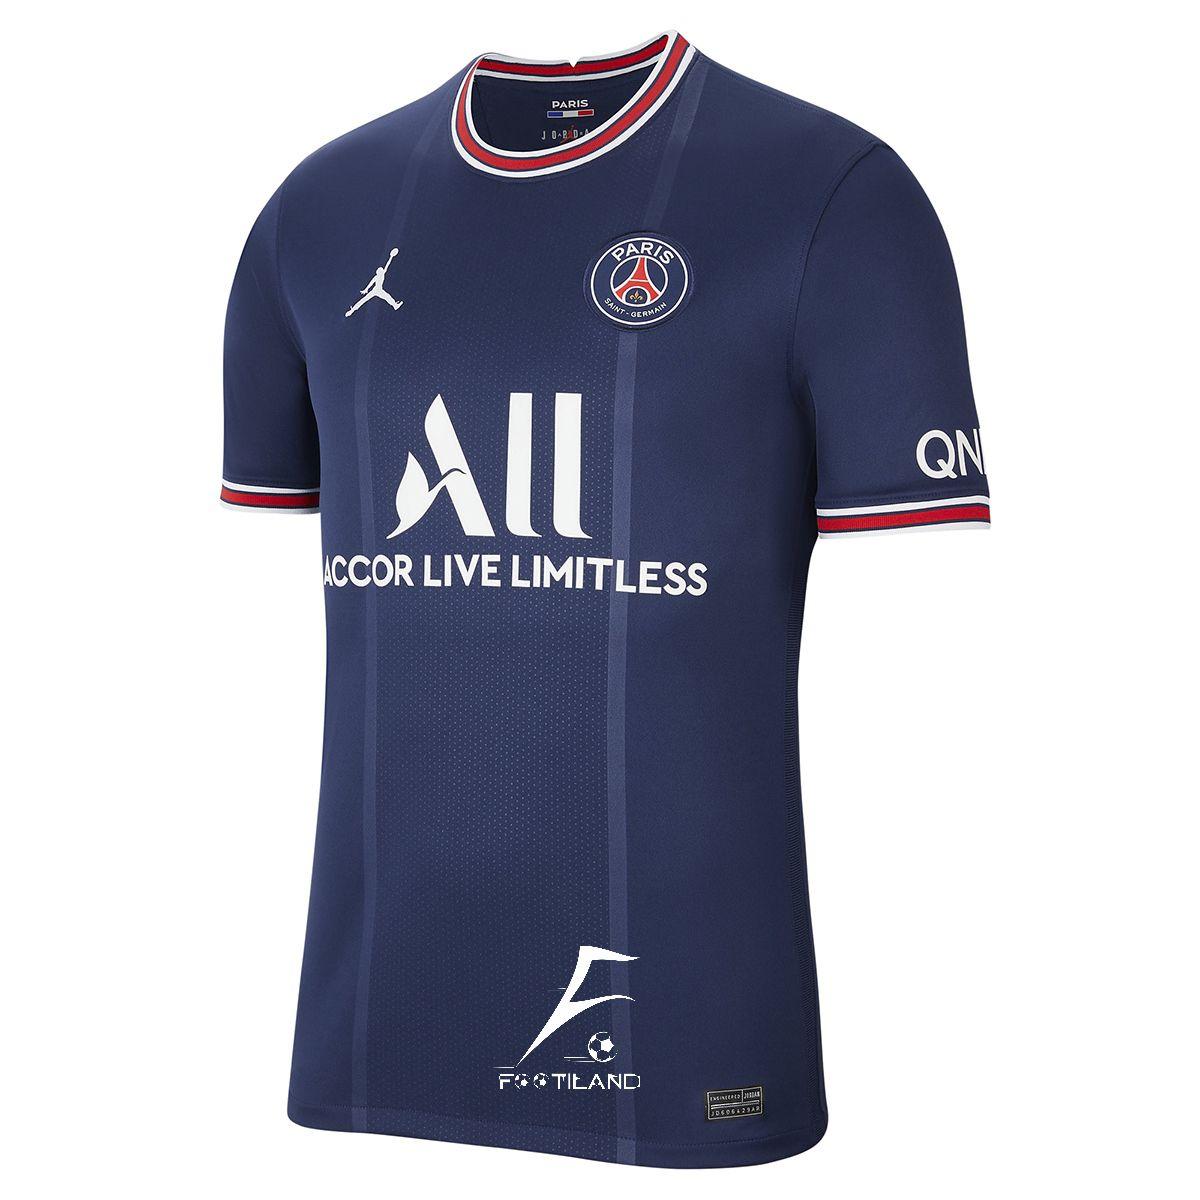 لباس پاریسن ژرمن 2022